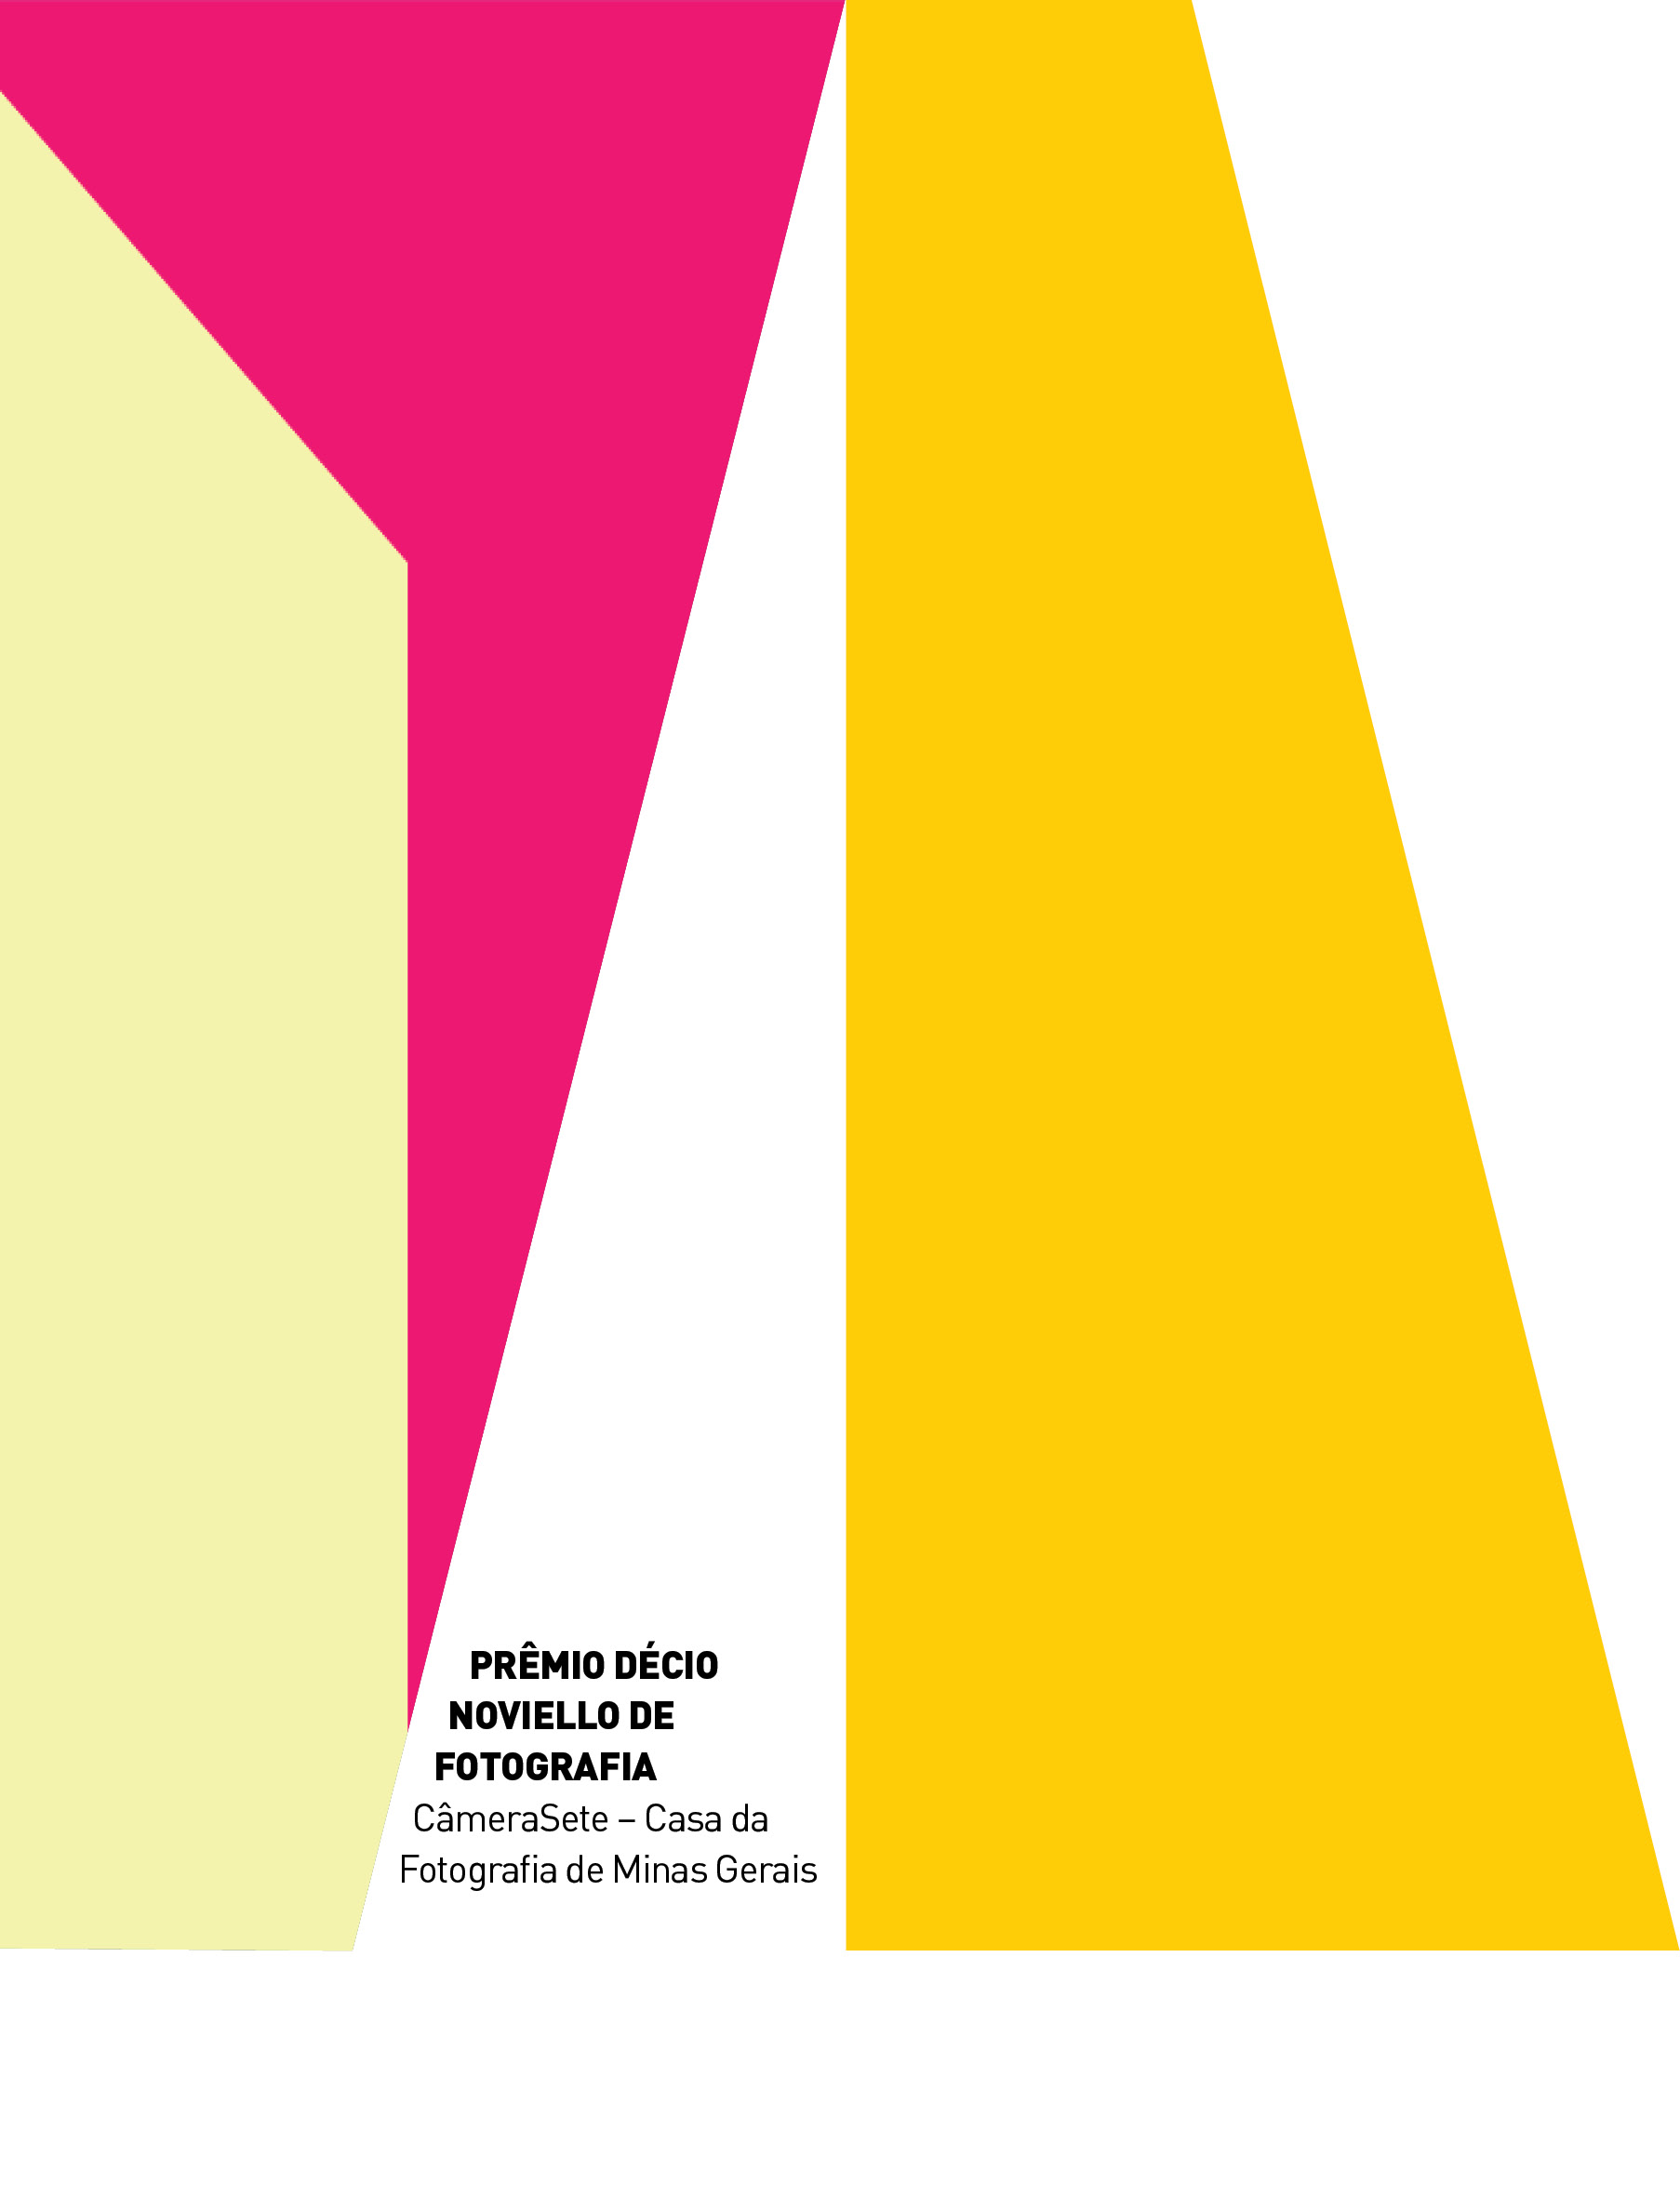 Evento: Prêmio Décio Noviello de Fotografia